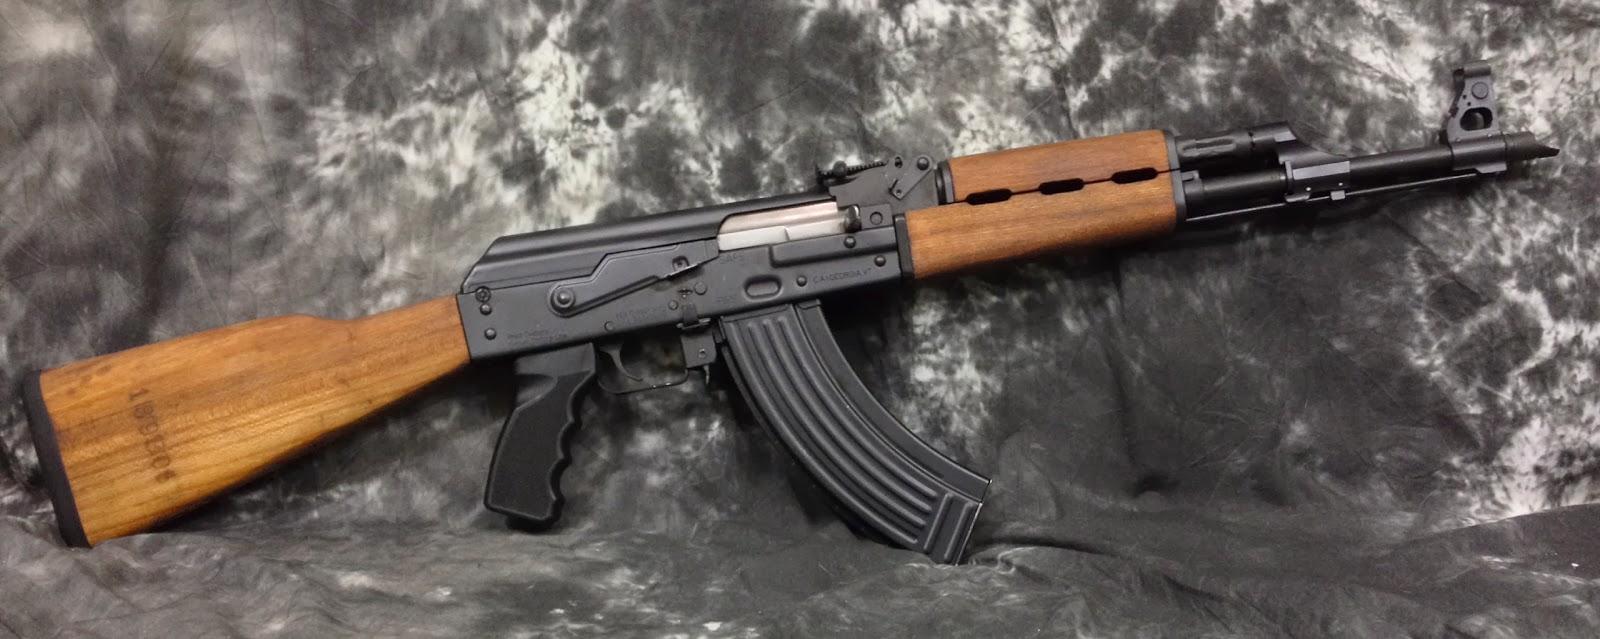 O-Pap M70 AK-47